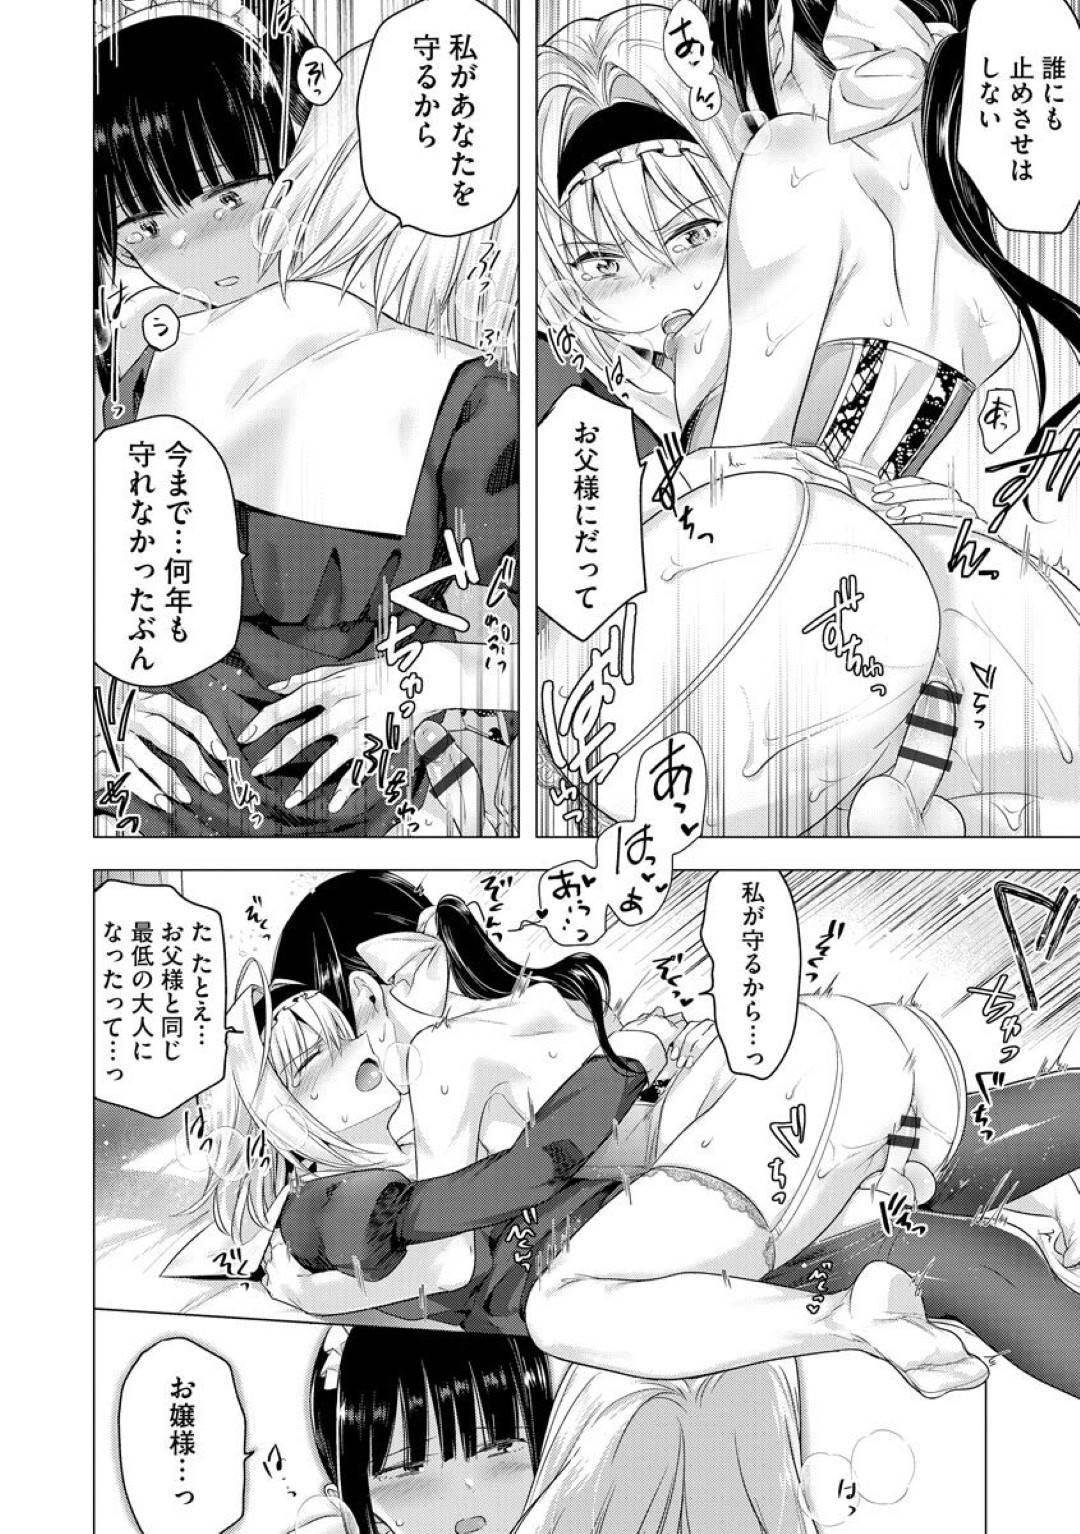 【エロ漫画】父親と昔から仲の良かった女装メイドがセックスしているところを見てふたなりチンポを勃起させるお嬢様…ある日突然女装を始めた日から壊れた関係だったがふたなりチンポを見られたことによって変わっていく!【ときわゆたか】